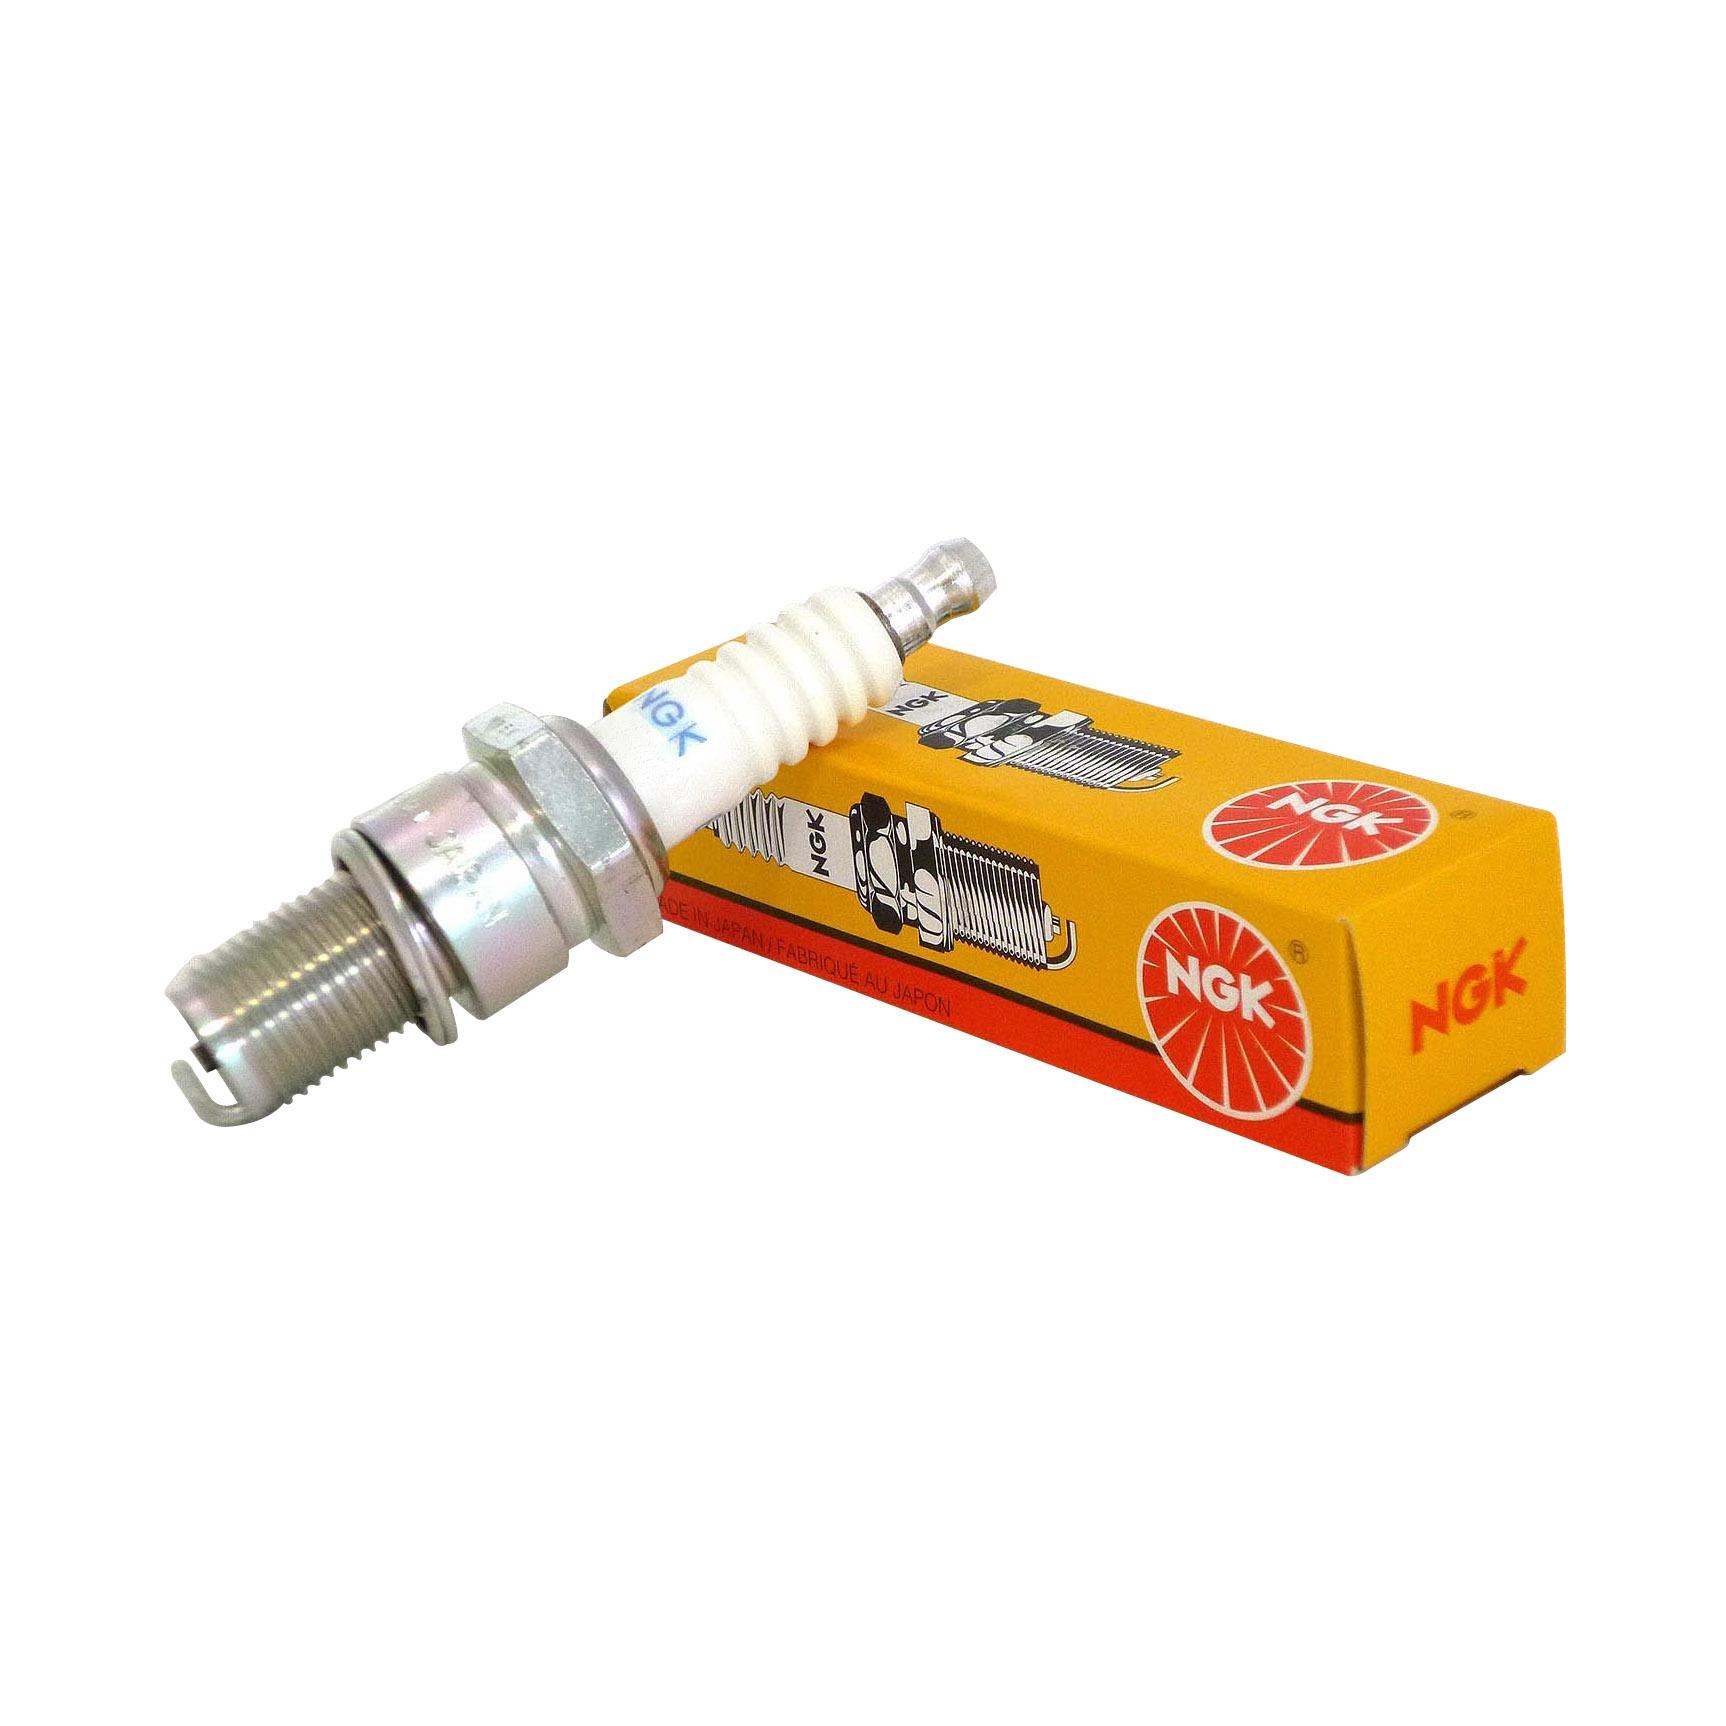 NGK Standard Spark Plug - LMAR9D-J 1633